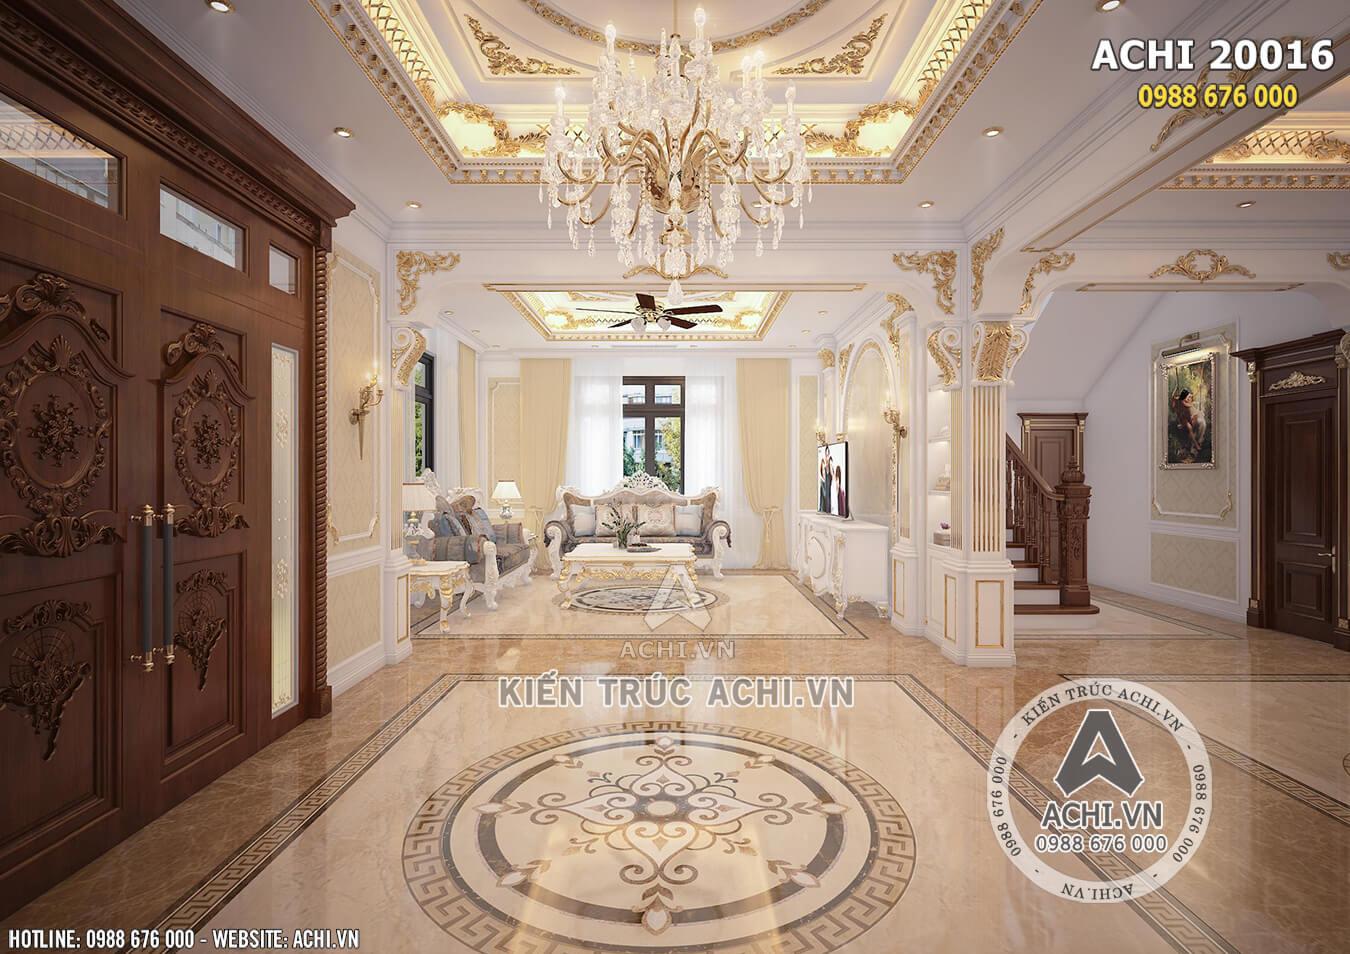 Nội thất mẫu dinh thự 2 tầng tân cổ điển đẹp mặt tiền 12m - ACHI 20016